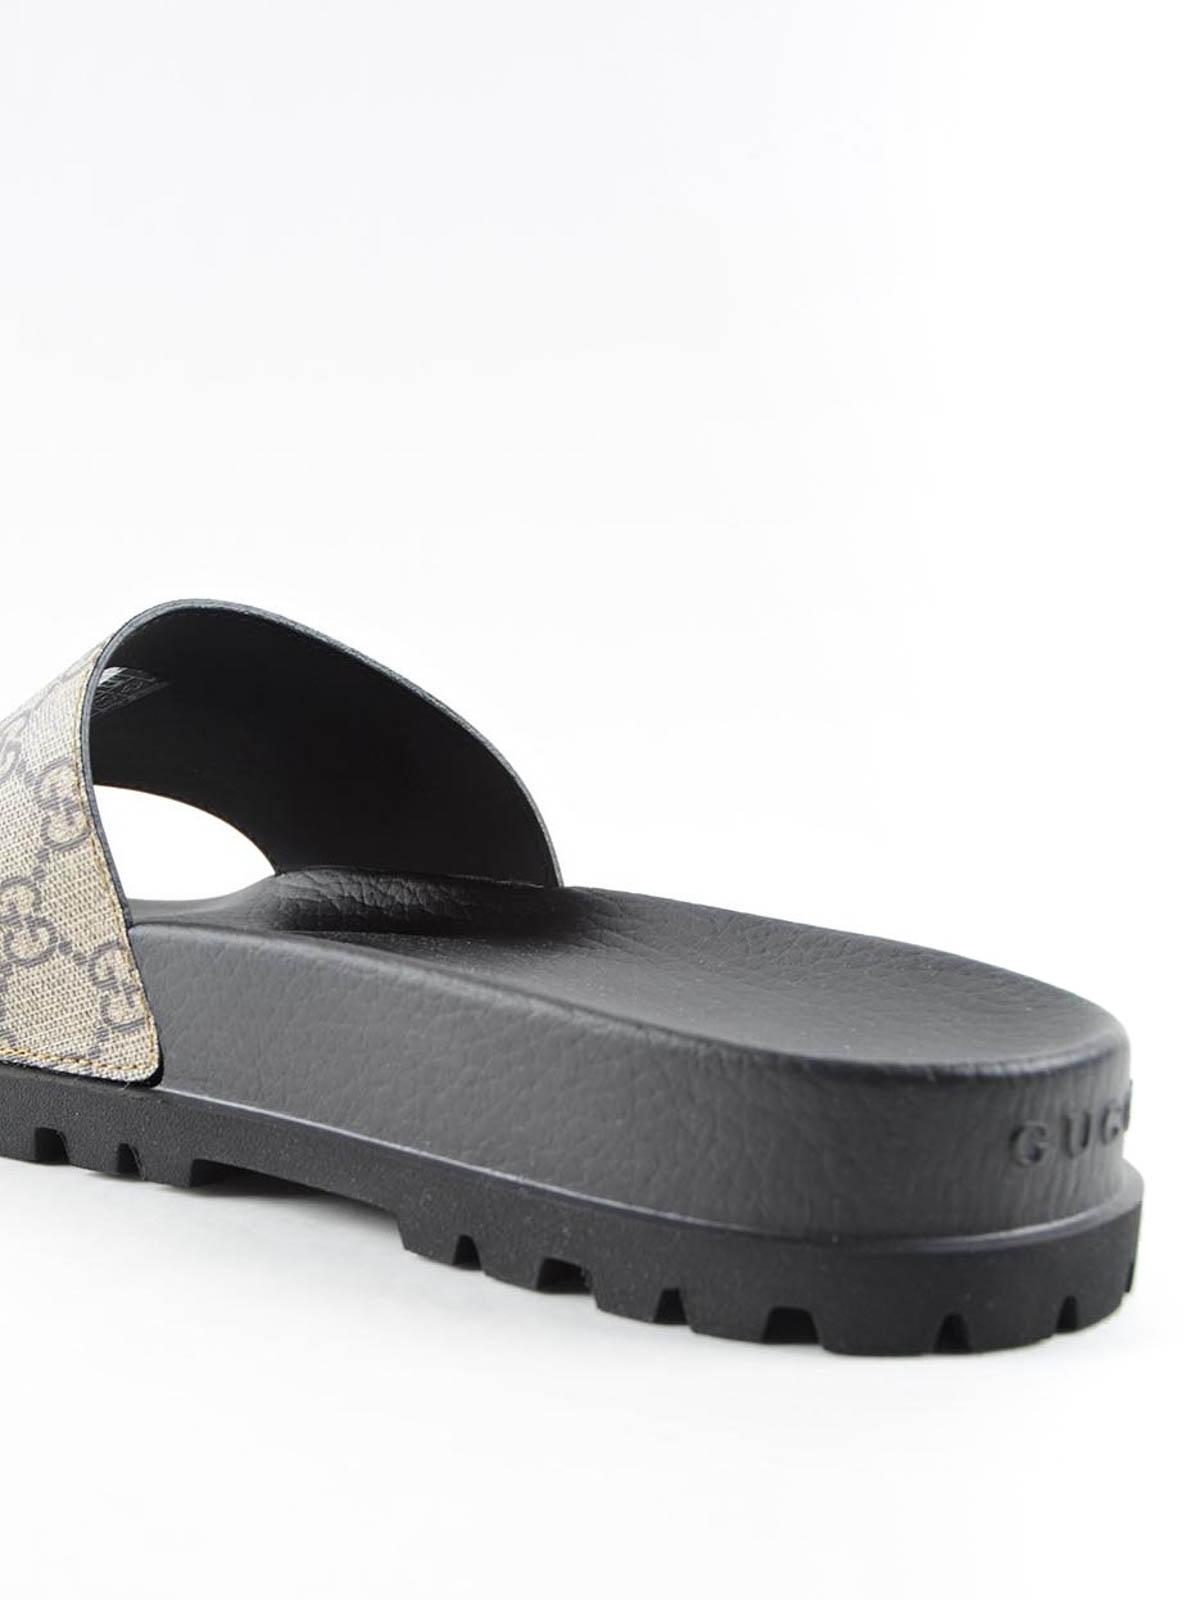 Gucci Bee Flat Sandals Sandals 456243k5v00 8919